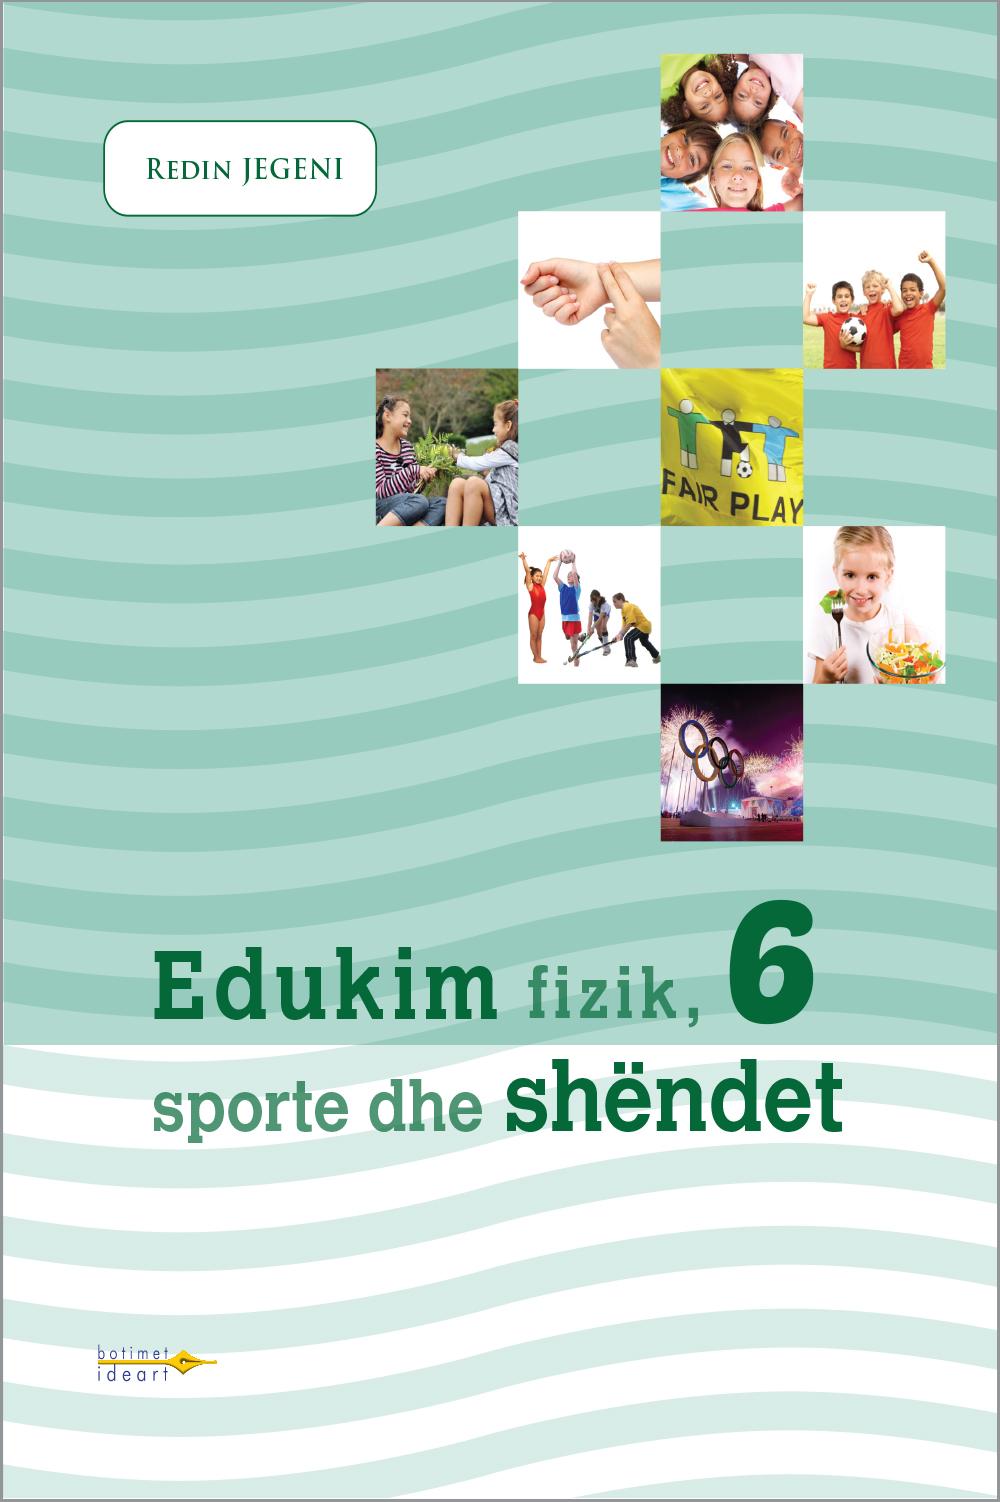 Edukim fizik, sporte dhe shëndet 6